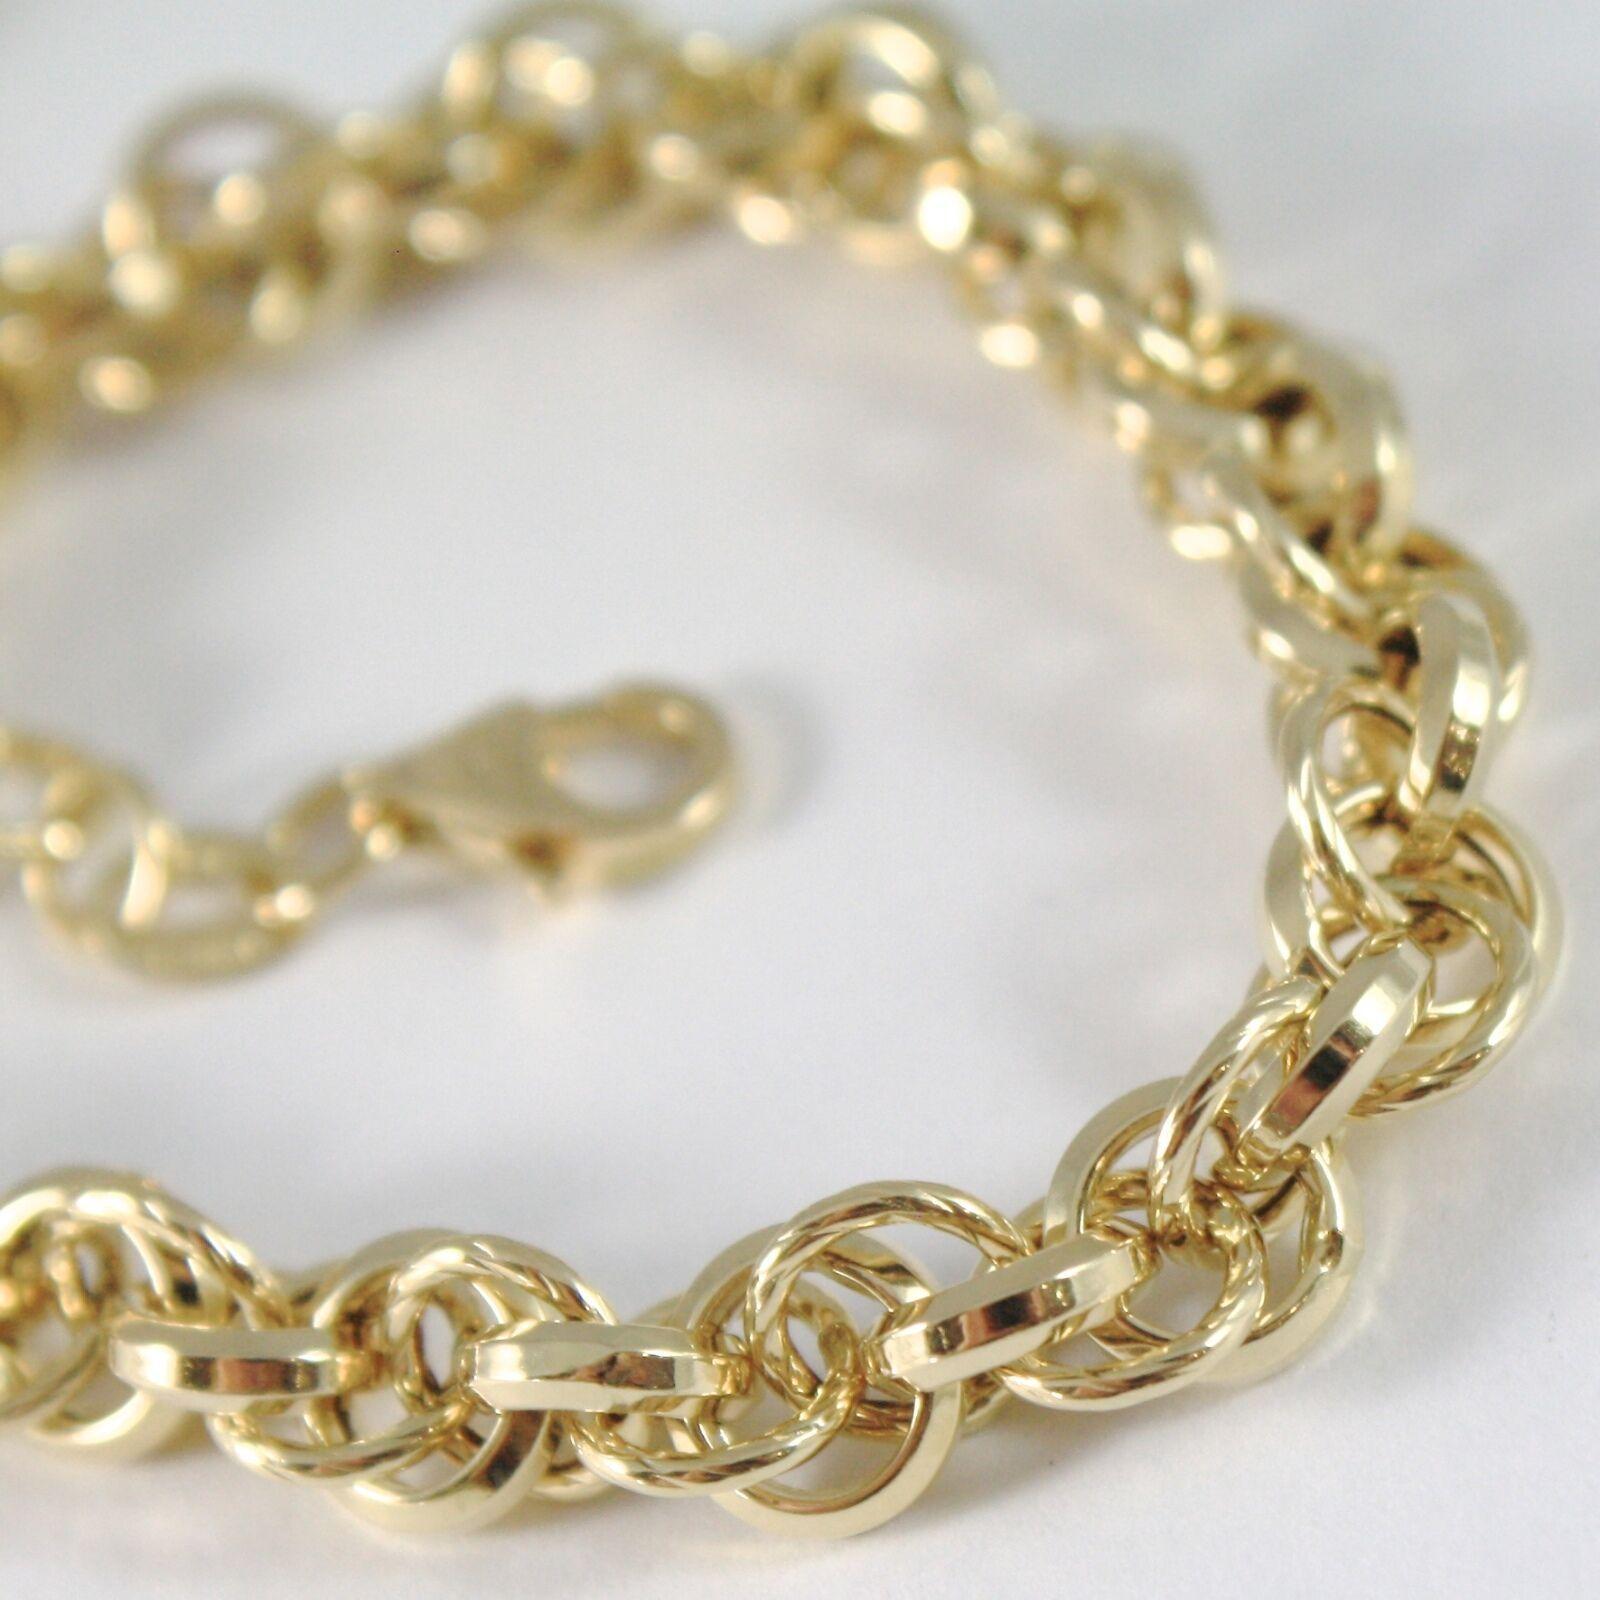 Bracelet en or Jaune 750 18K Anneaux, Cercles Tressé, 20.5 cm Longueur